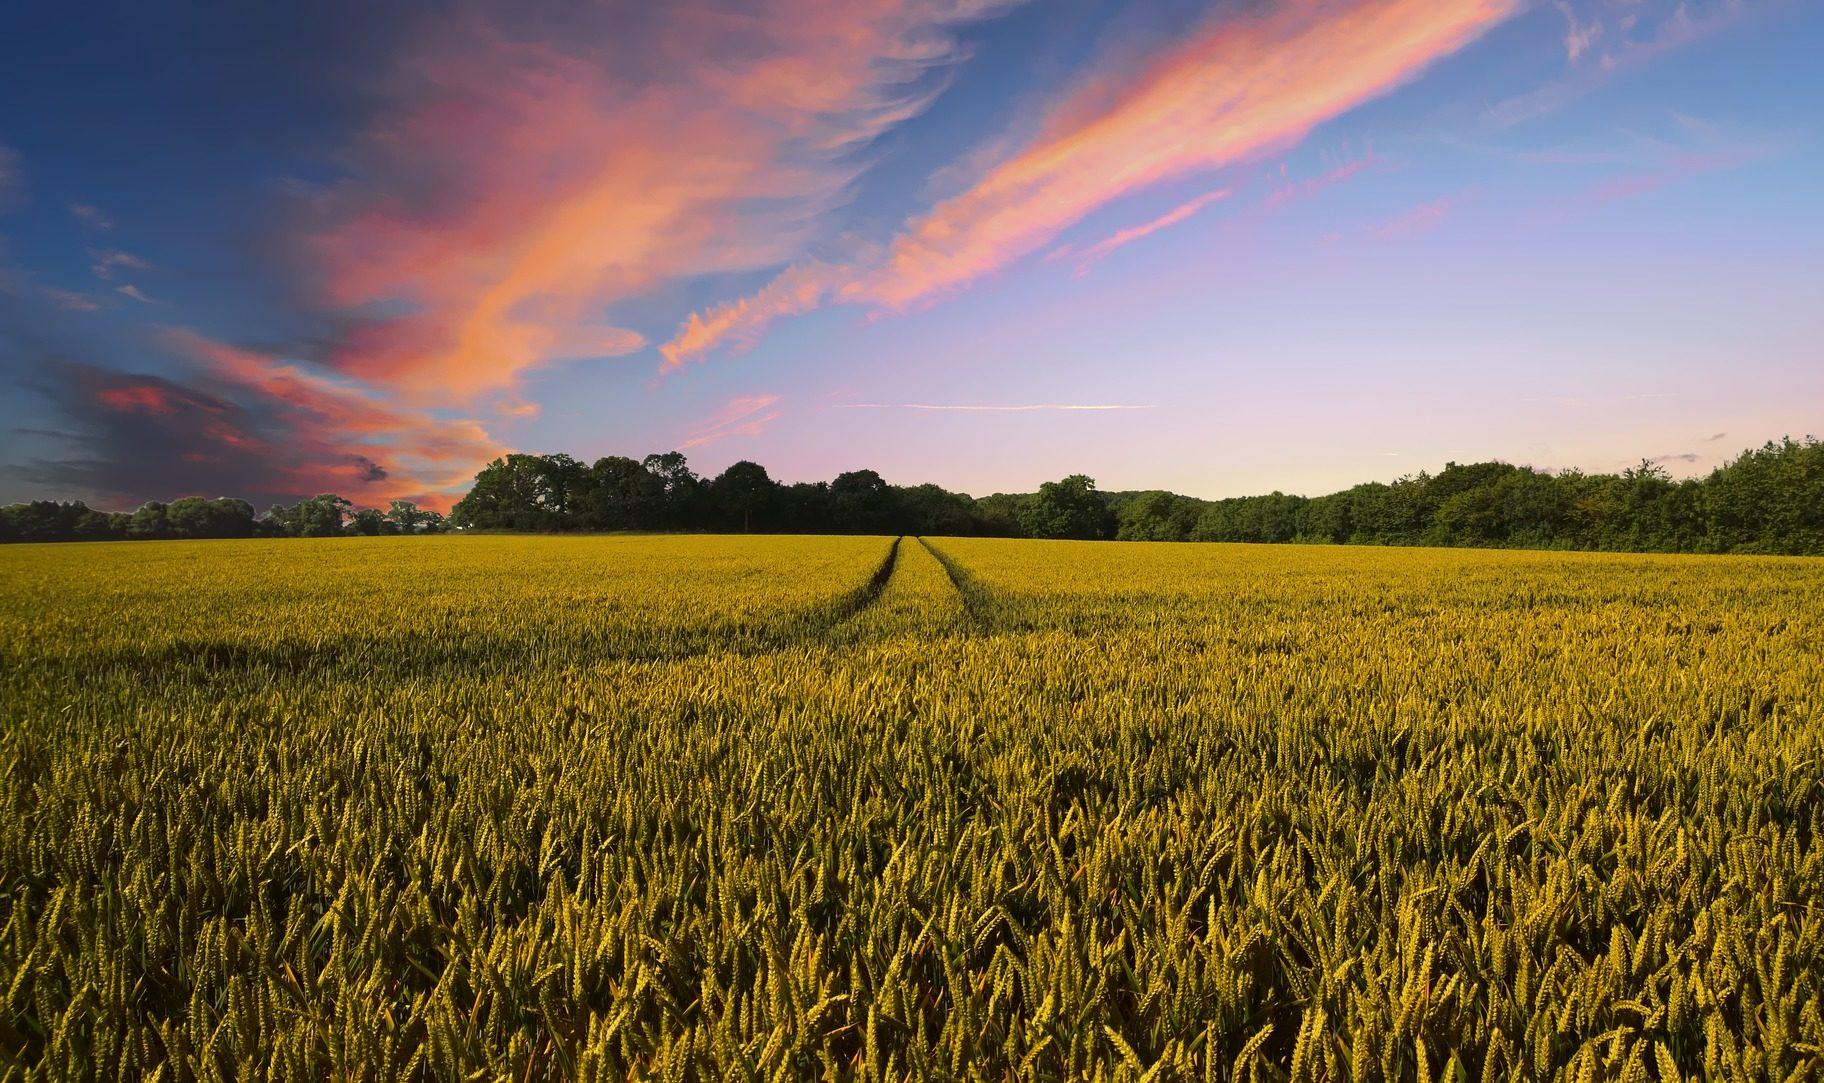 Étiquetage nutritionnel : les propositions de Bruxelles risquent de pénaliser les producteurs